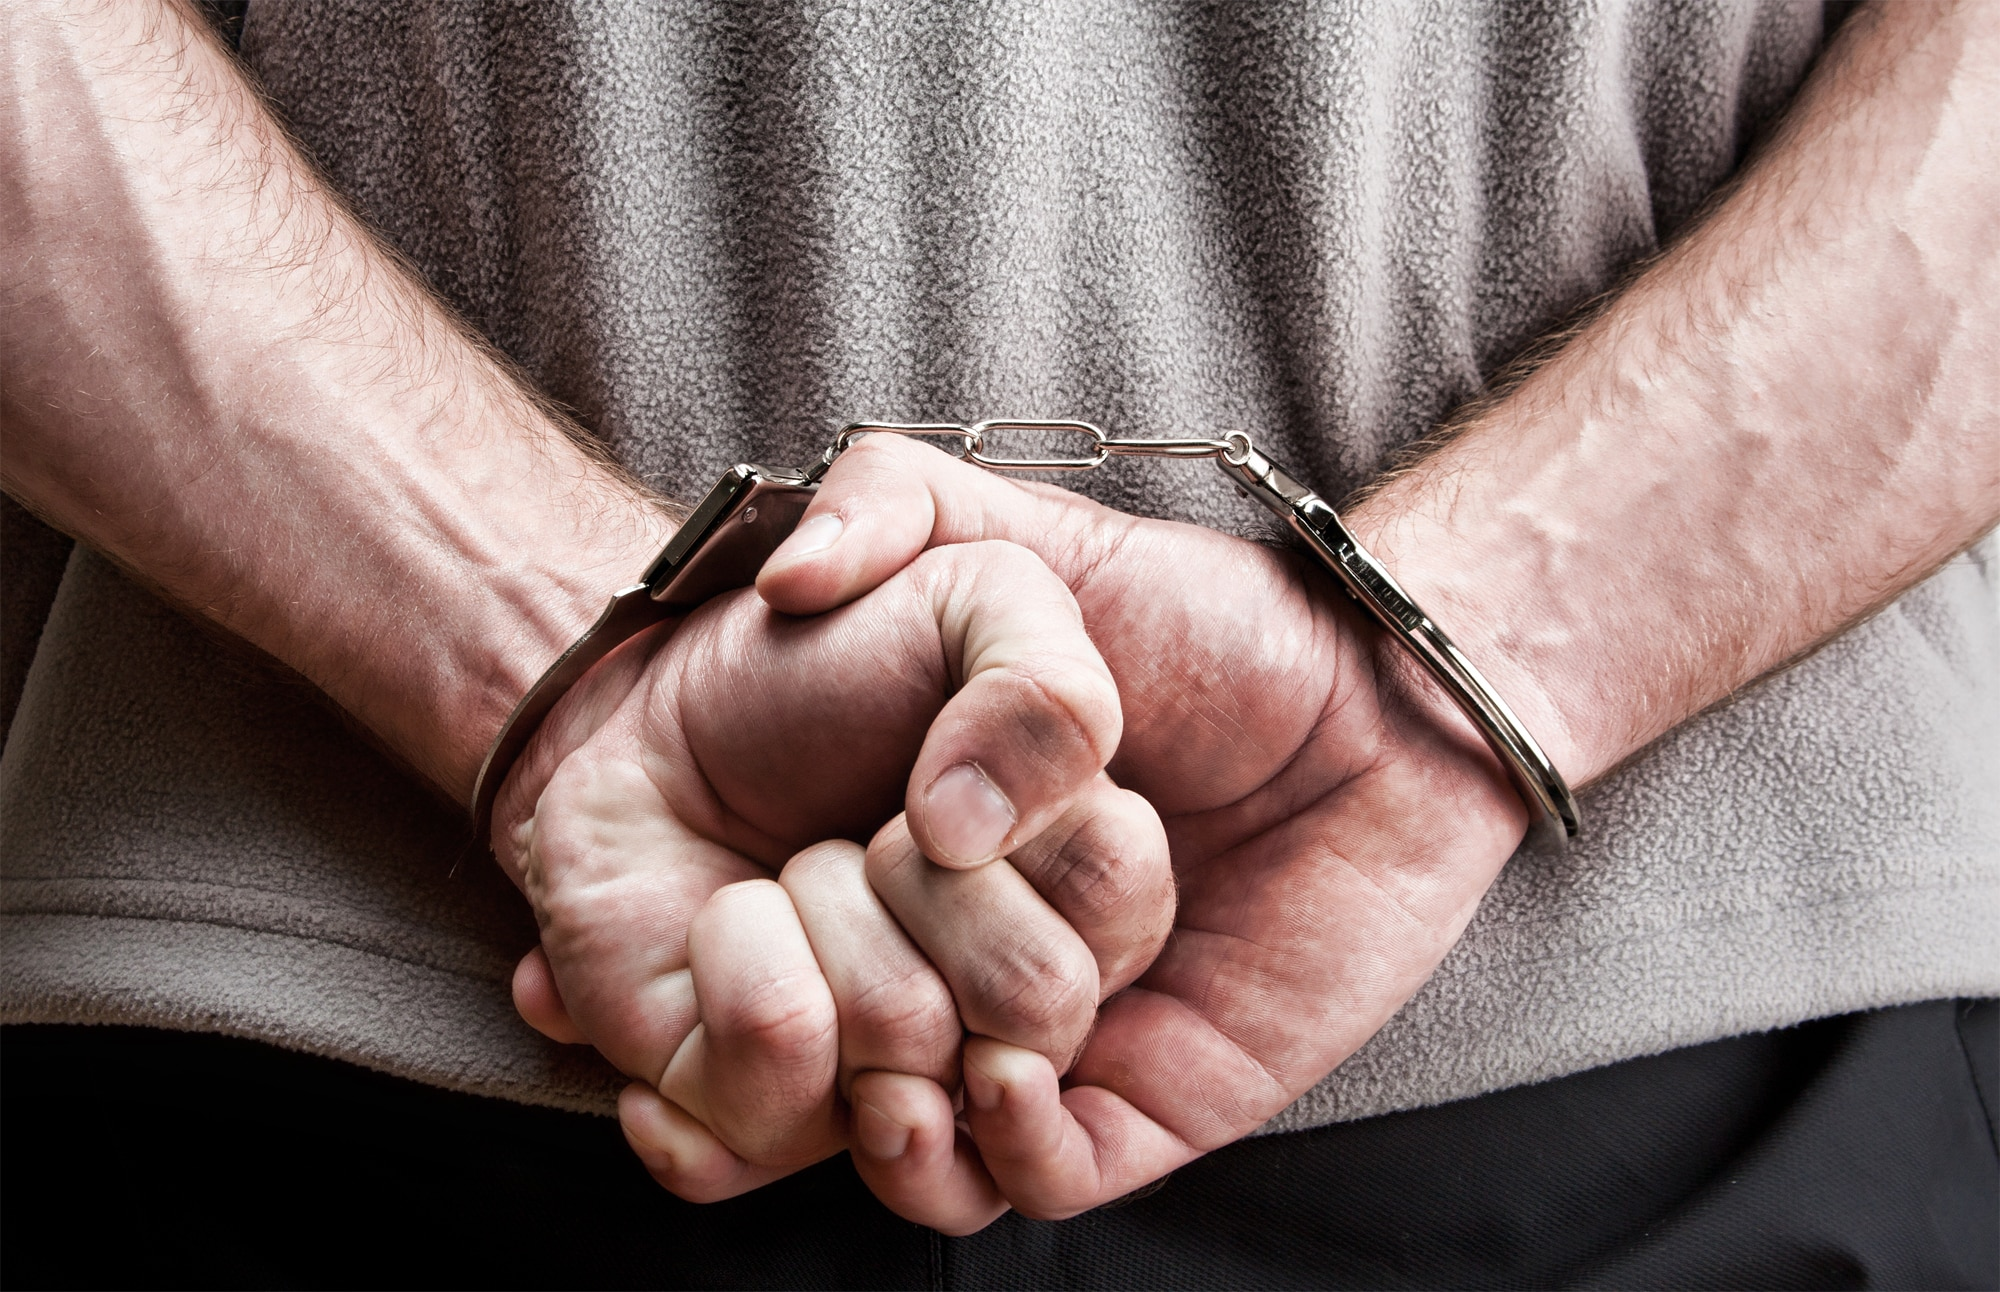 עילות מעצר - מתי ניתן לעצור אדם שנחשד בפלילים